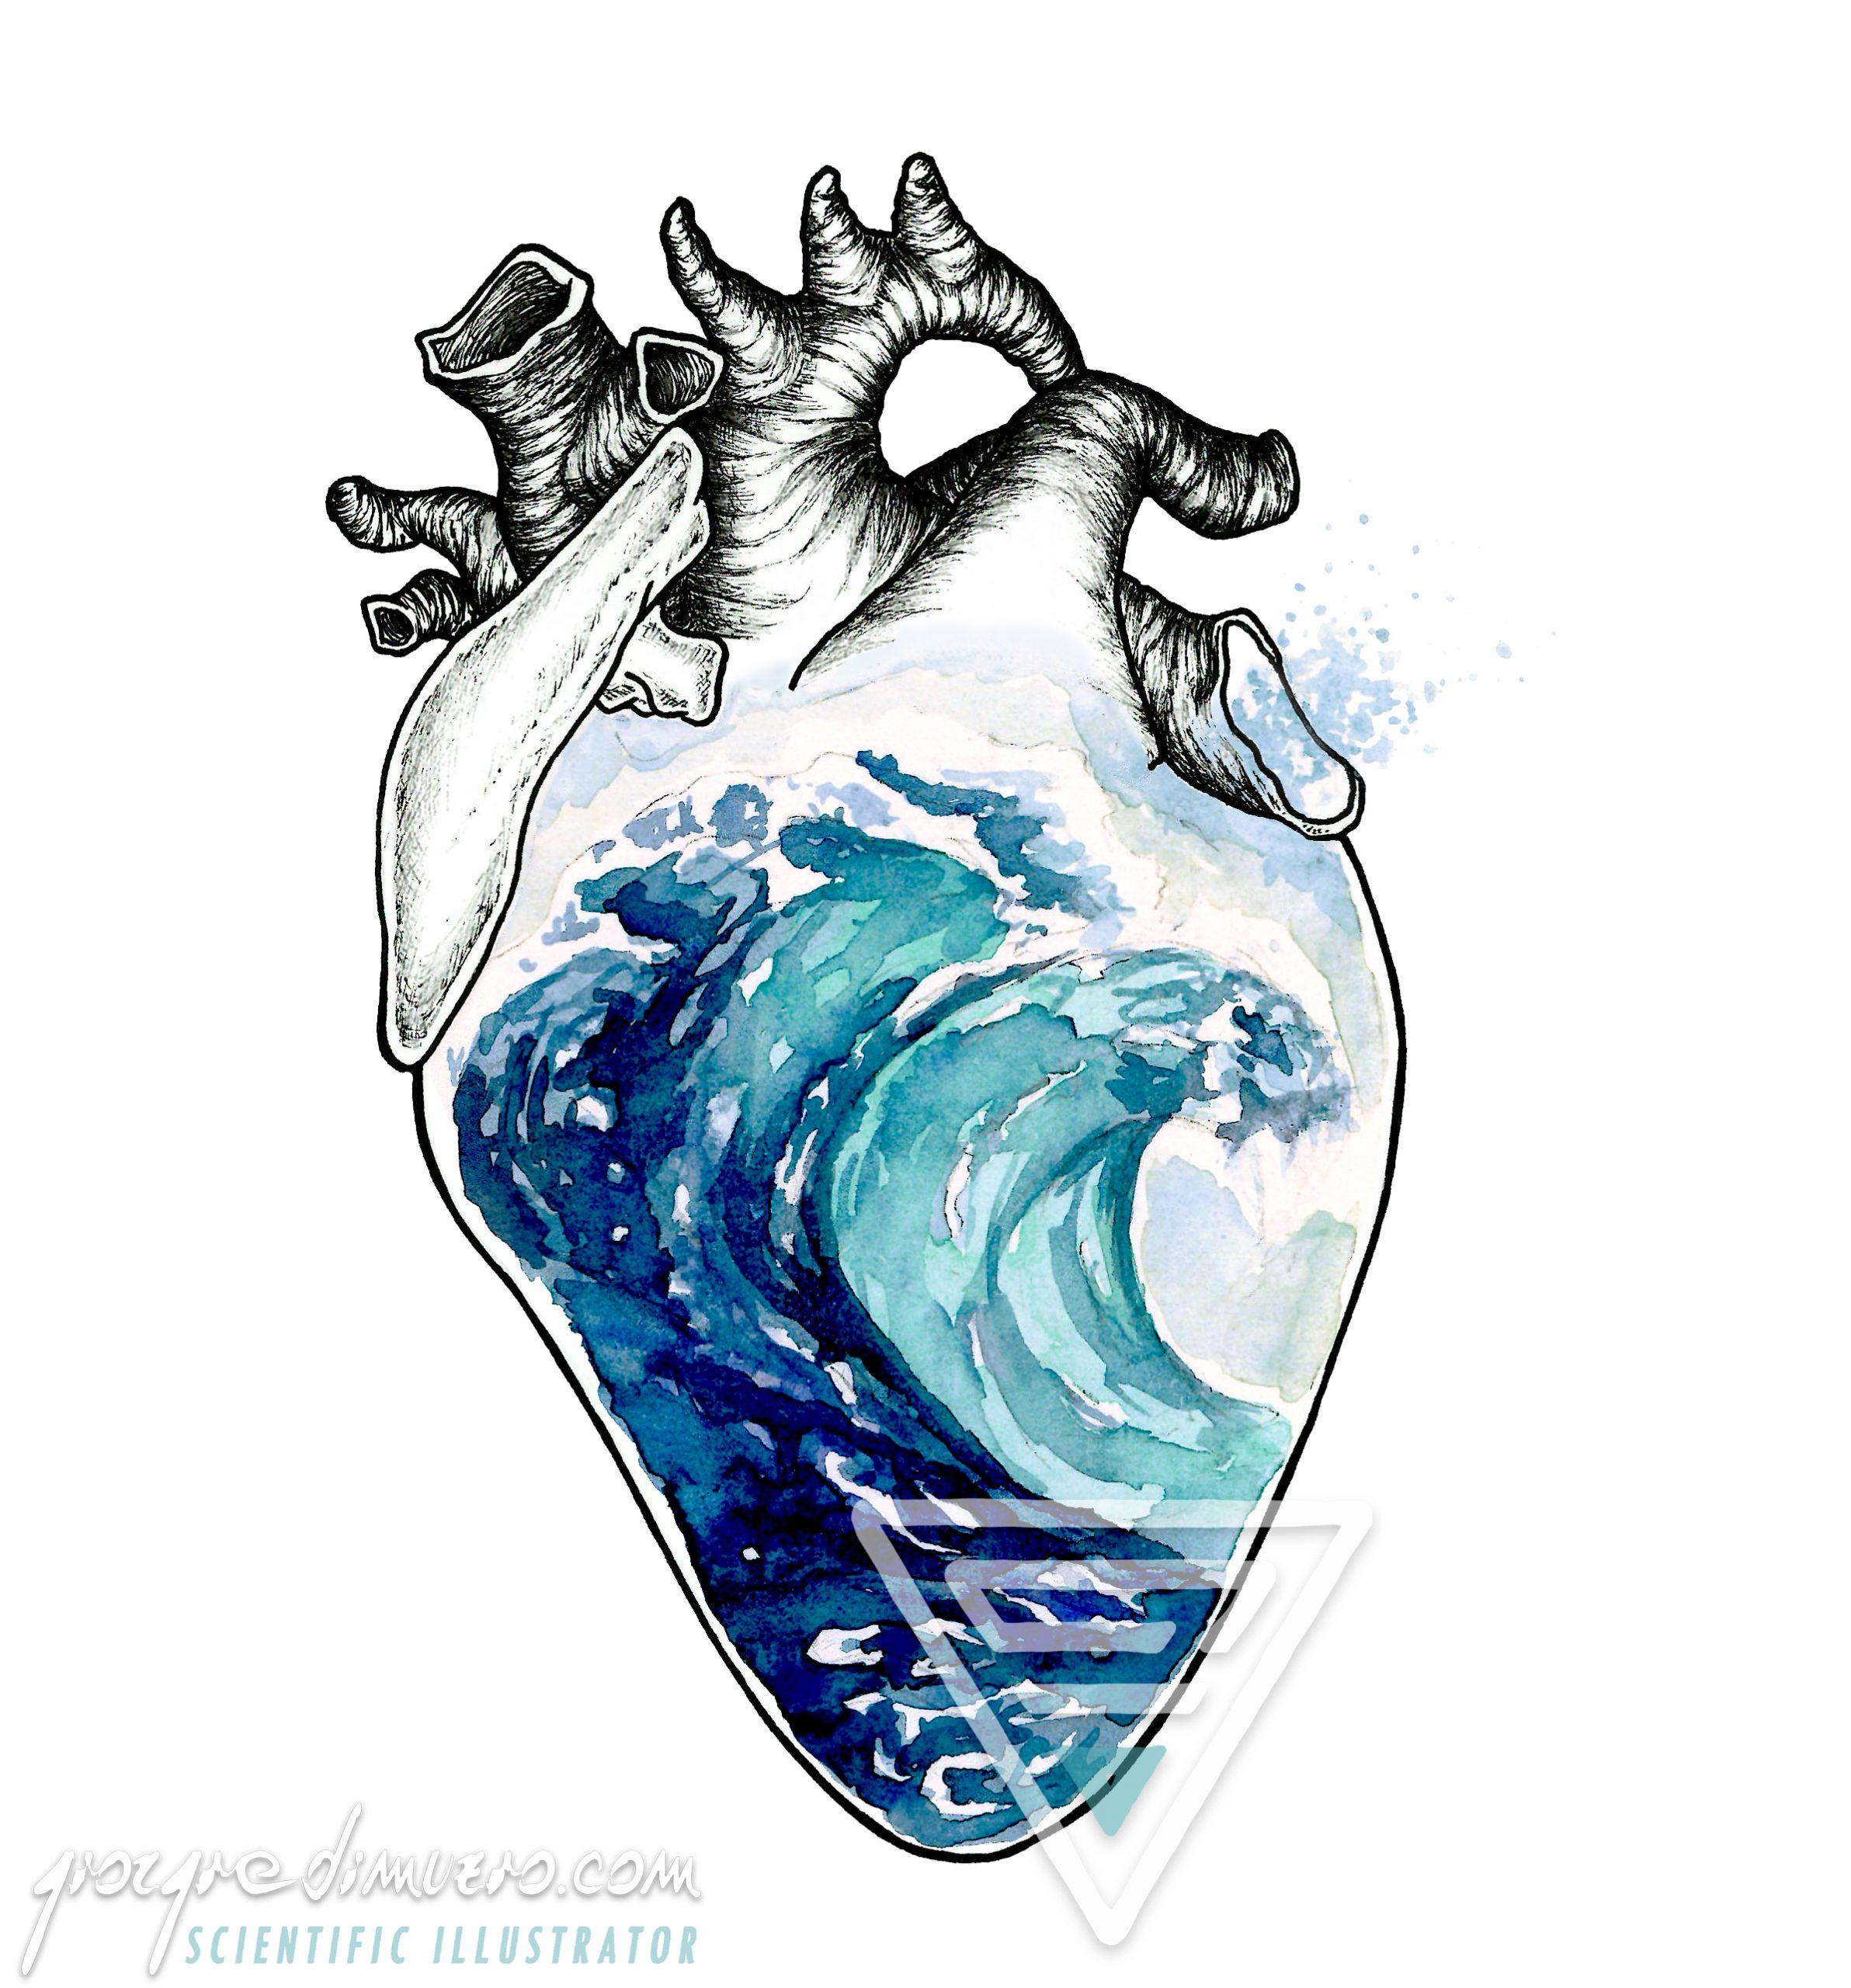 gallery_oceano_corpo_ocean_heart_scientific_illustration_giorgiadimuzio